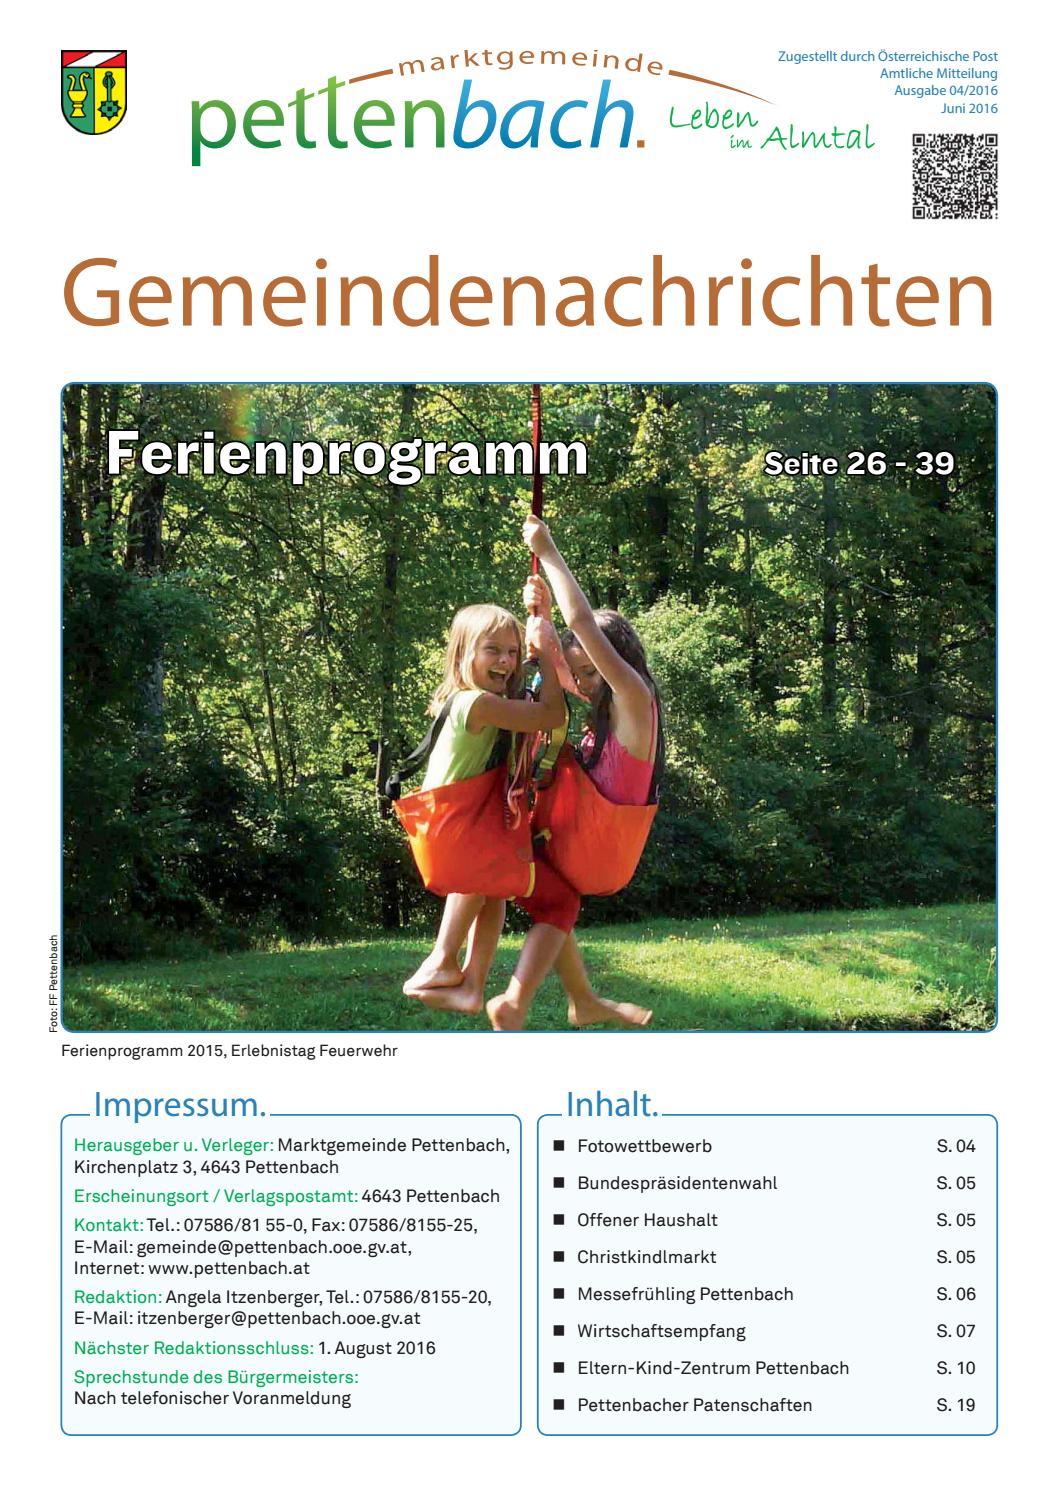 Giftige Pilze Im Garten Einzigartig Gemeindenachrichten 04 16 by Pettenbach issuu